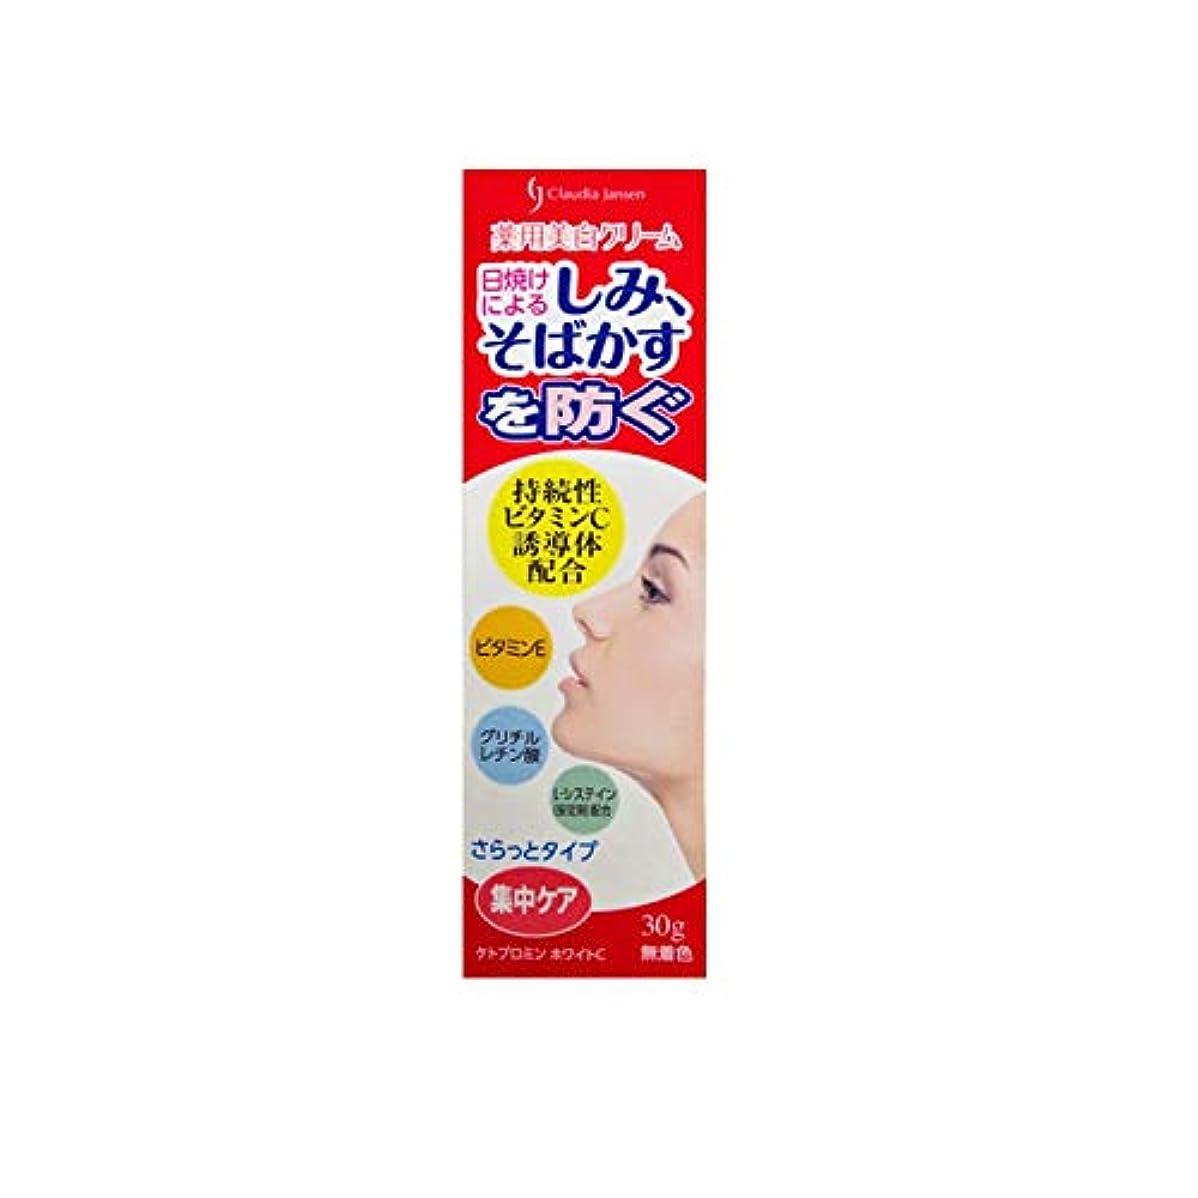 テスト告発提案三友薬品 医薬部外品 薬用ホワイトニングクリームC 30g